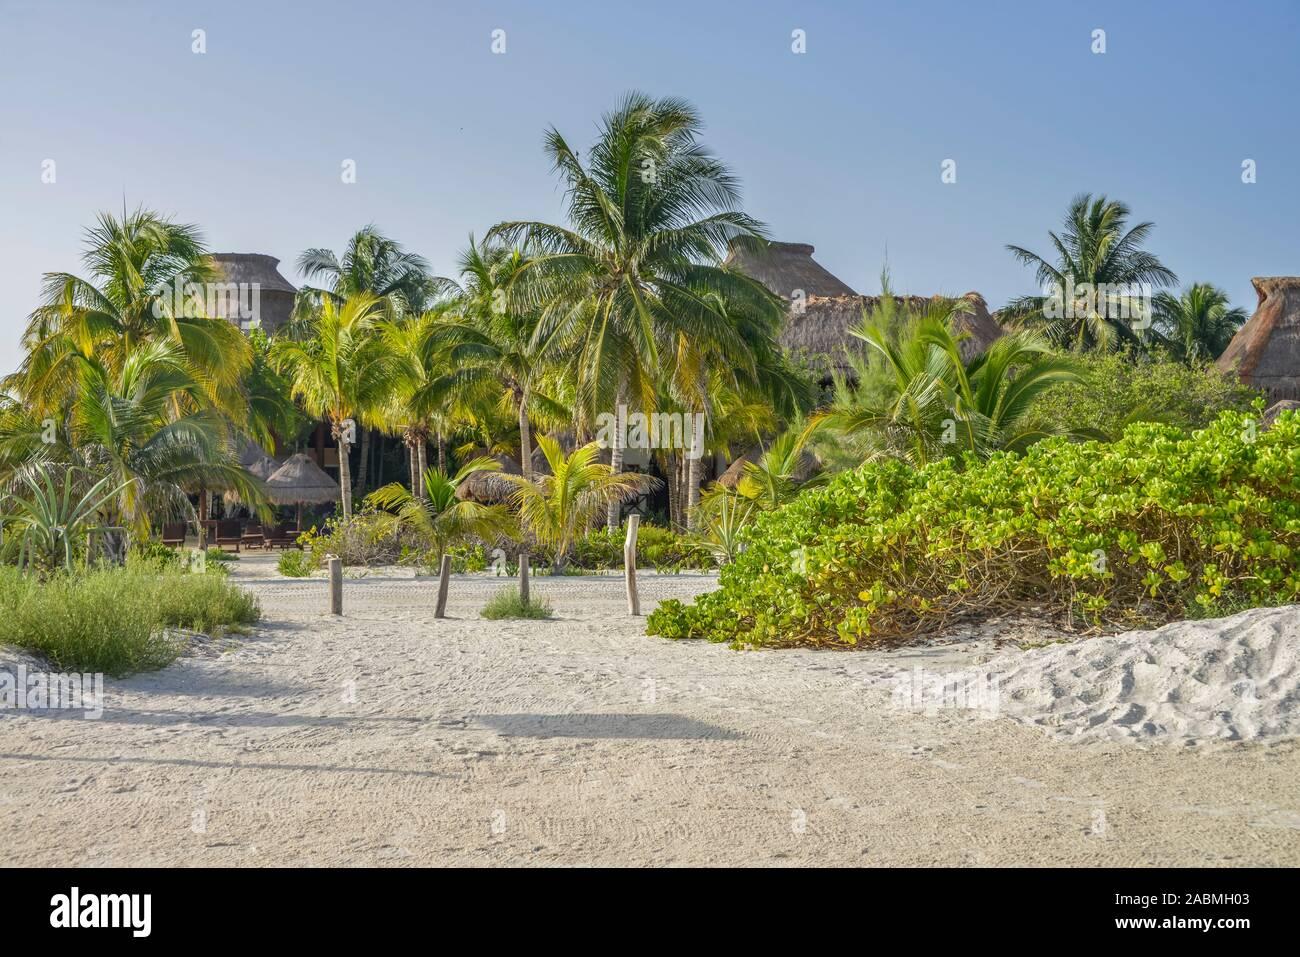 Palmenstrand, Isla Holbox, Quintana Roo, Mexiko Stock Photo